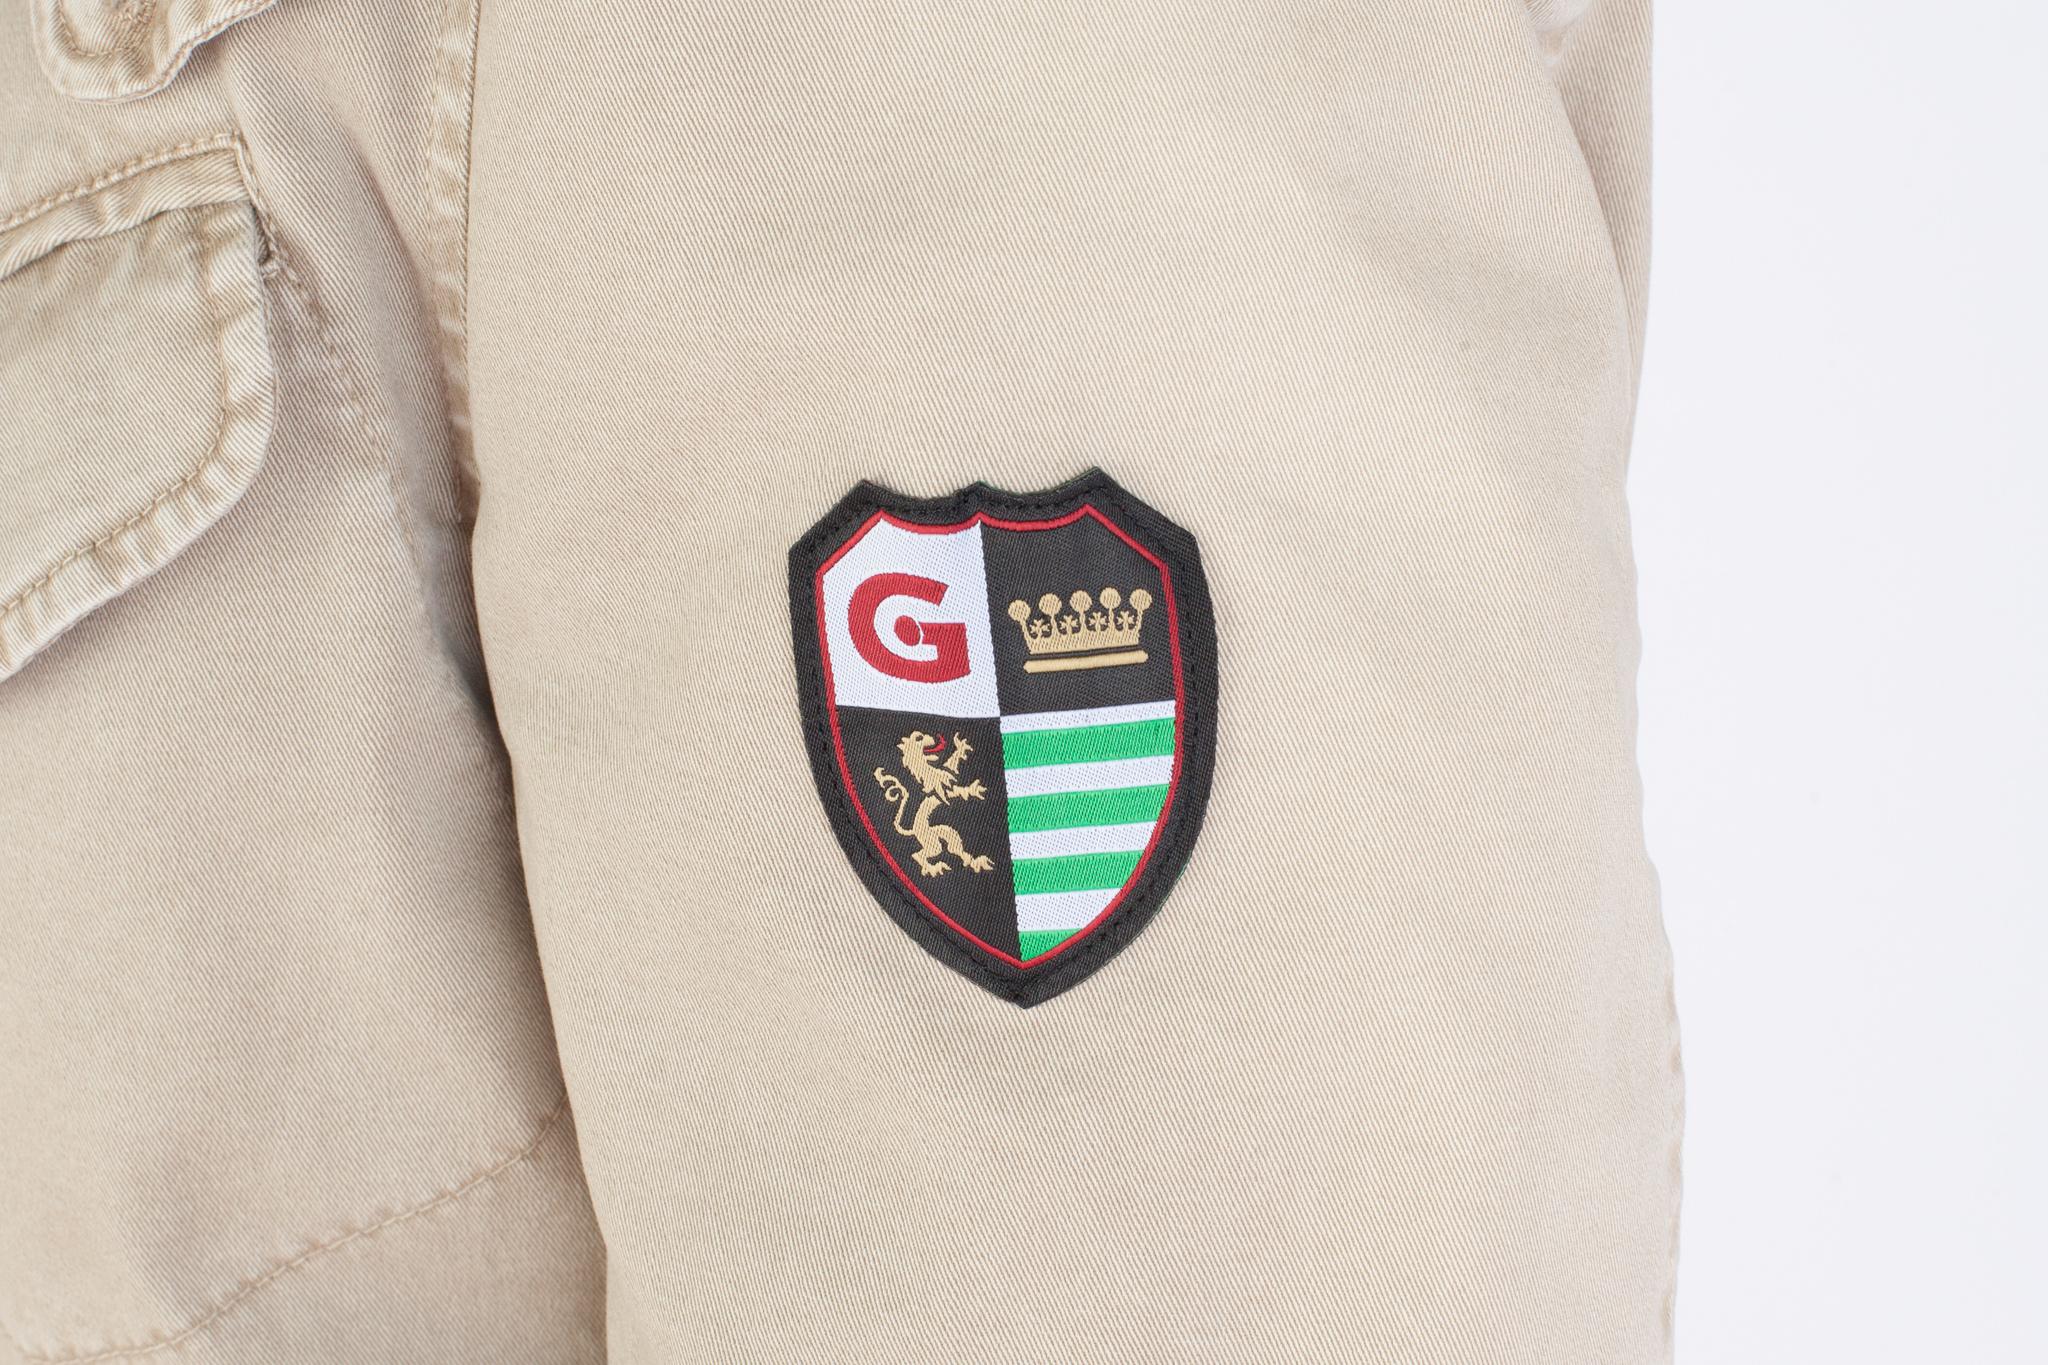 Бежевый хлопковый бушлат с капюшоном, логотип